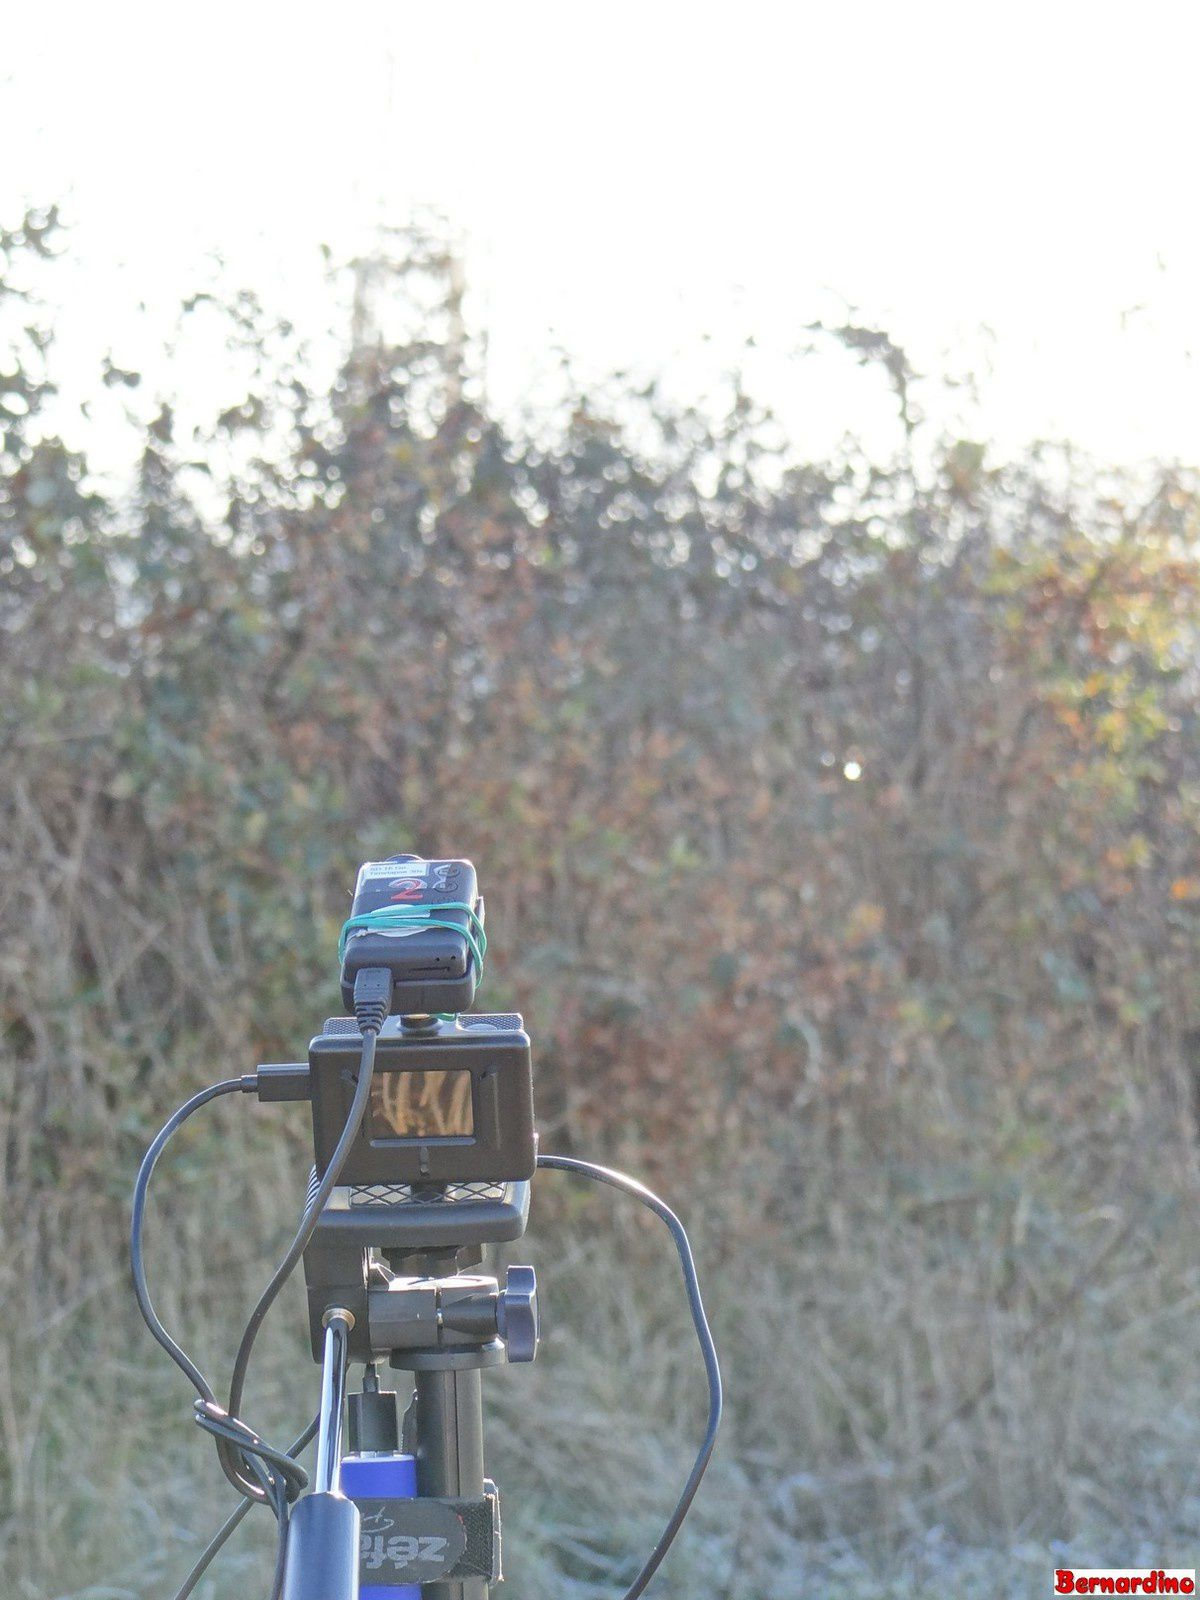 Mes petites caméras  avaient bien froid ce matin!